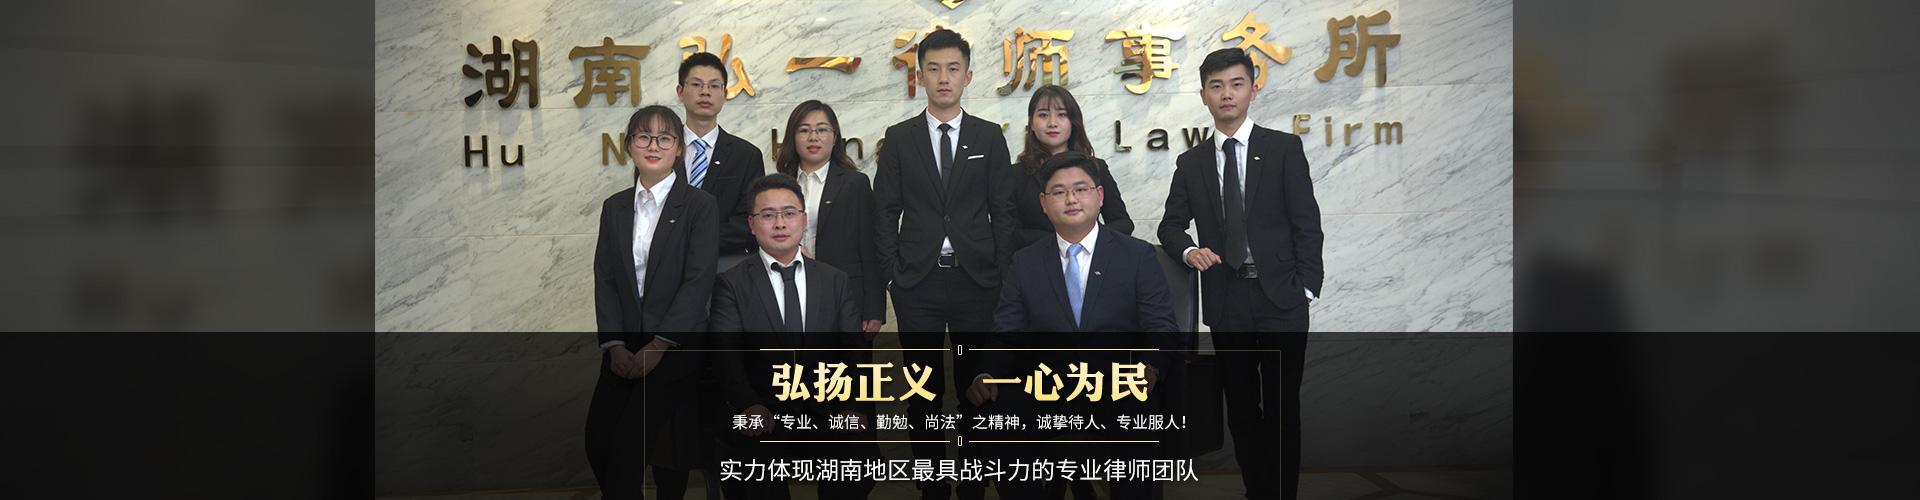 李璐律师团队